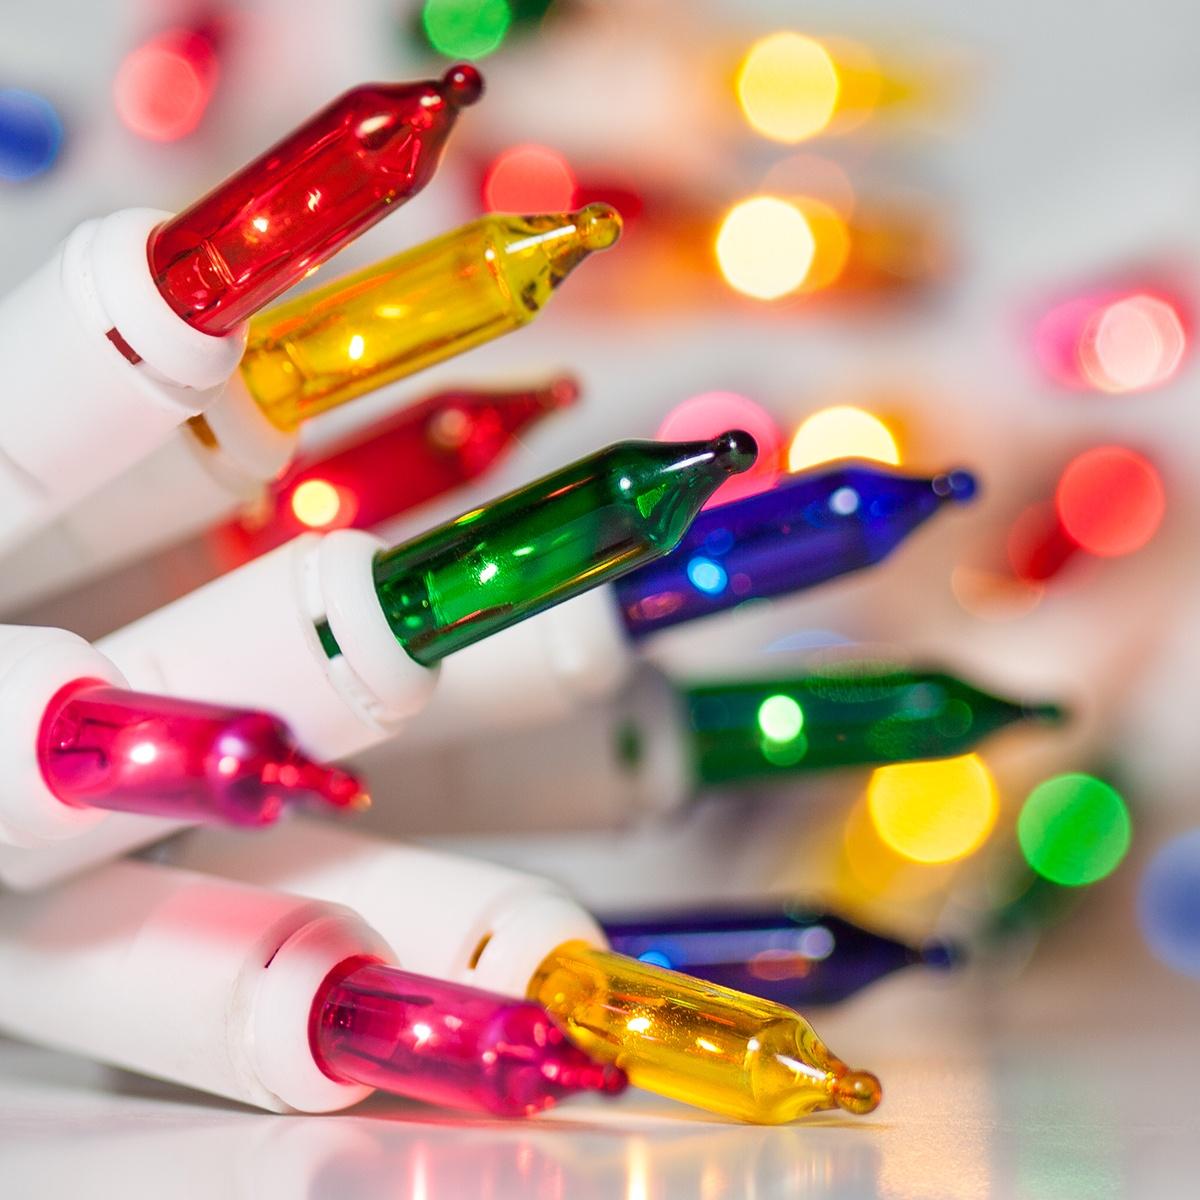 Mini light sets for crafts - Mini Light Sets For Crafts Mini Light Sets For Crafts Mini String Lights For Crafts